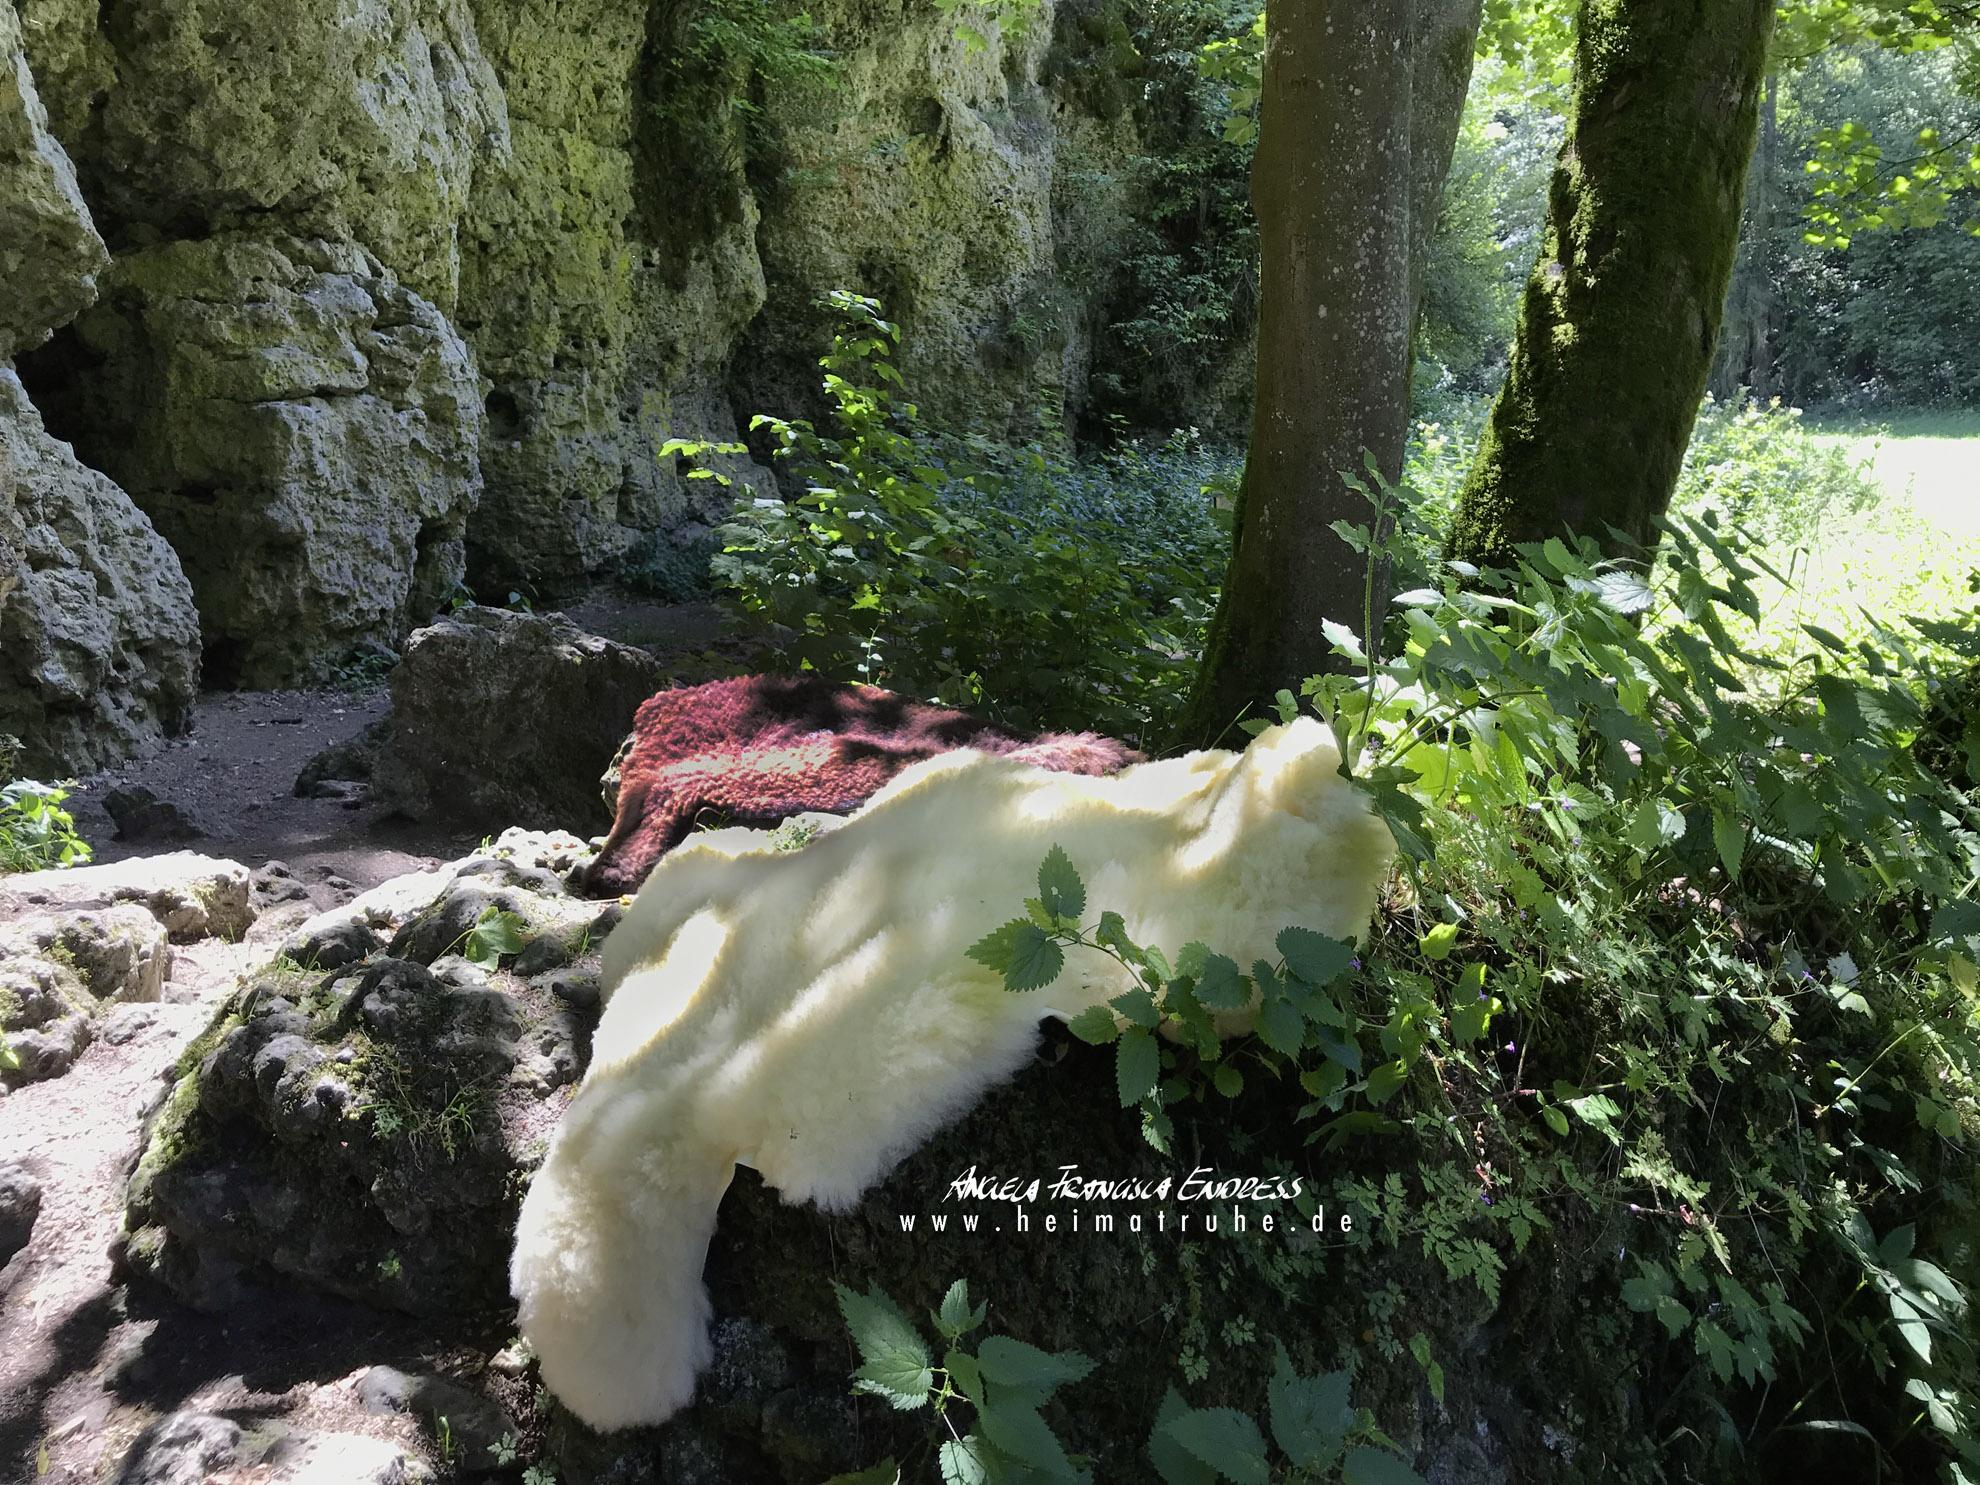 Schaffelle vor Felsen der Fränkischen Schweiz